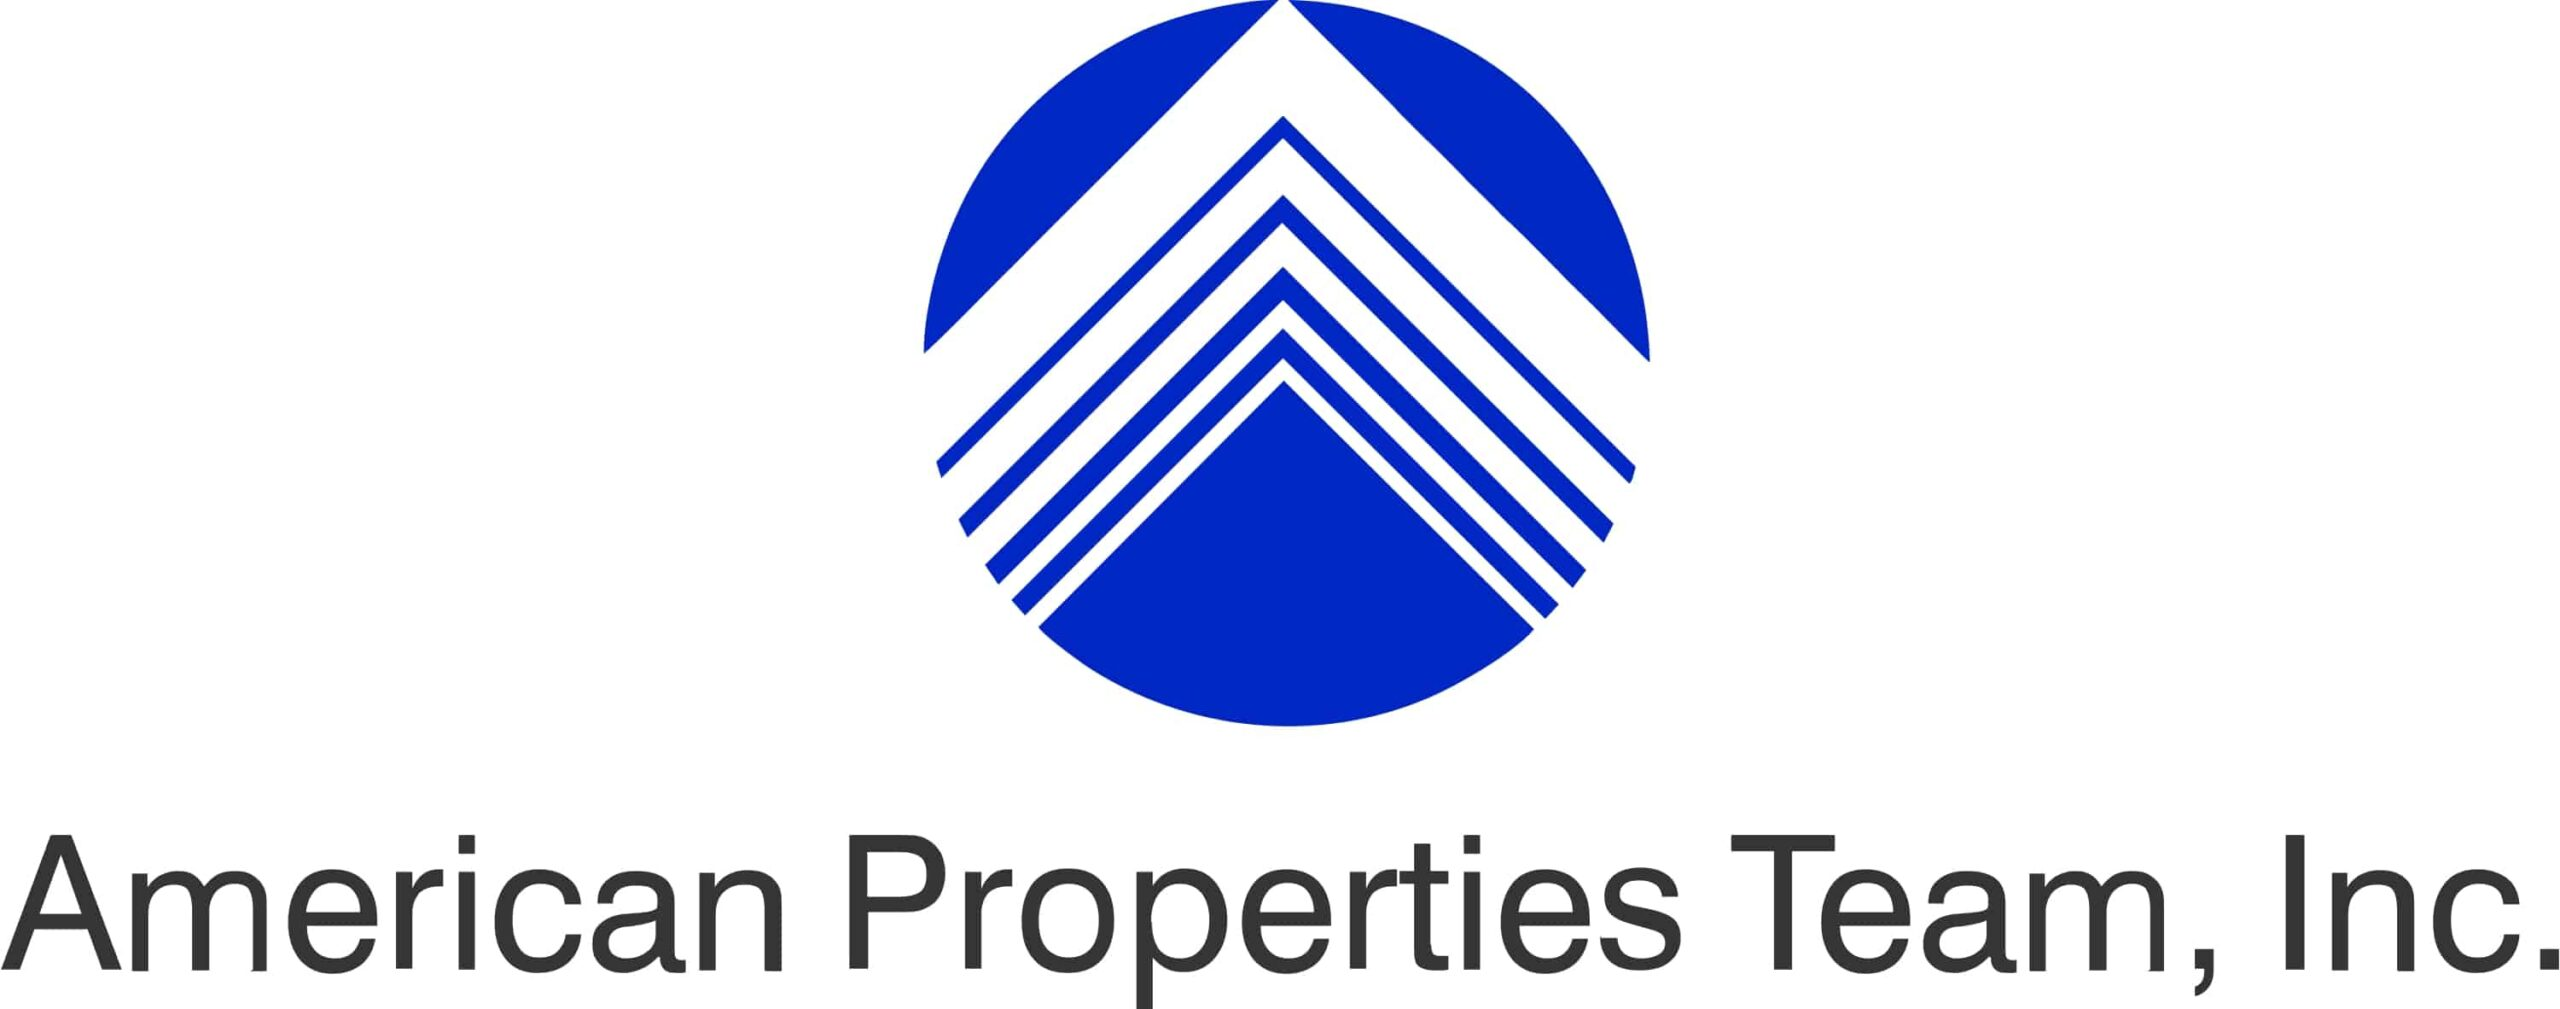 American Properties Team, Inc.